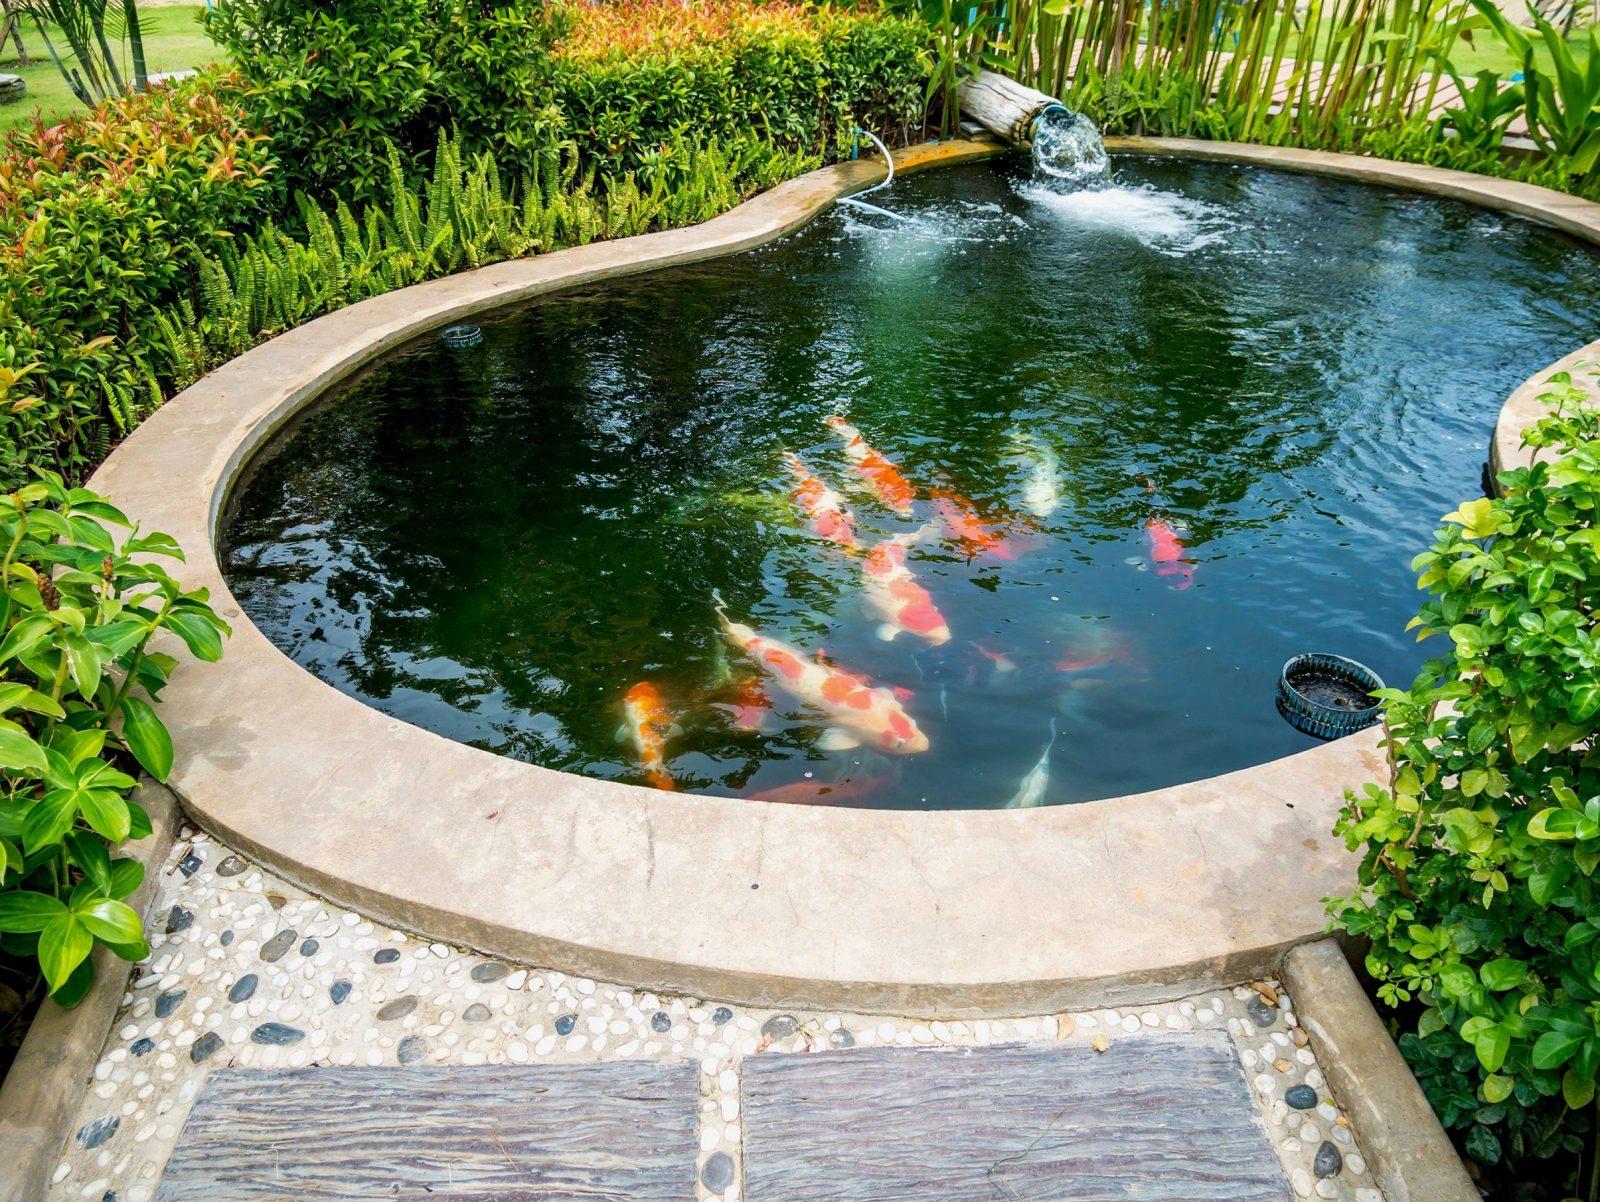 42 Elegant Wasserfall Teich Selber Bauen Galerie  Komplette Ideen von Teich Mit Wasserfall Selber Bauen Photo